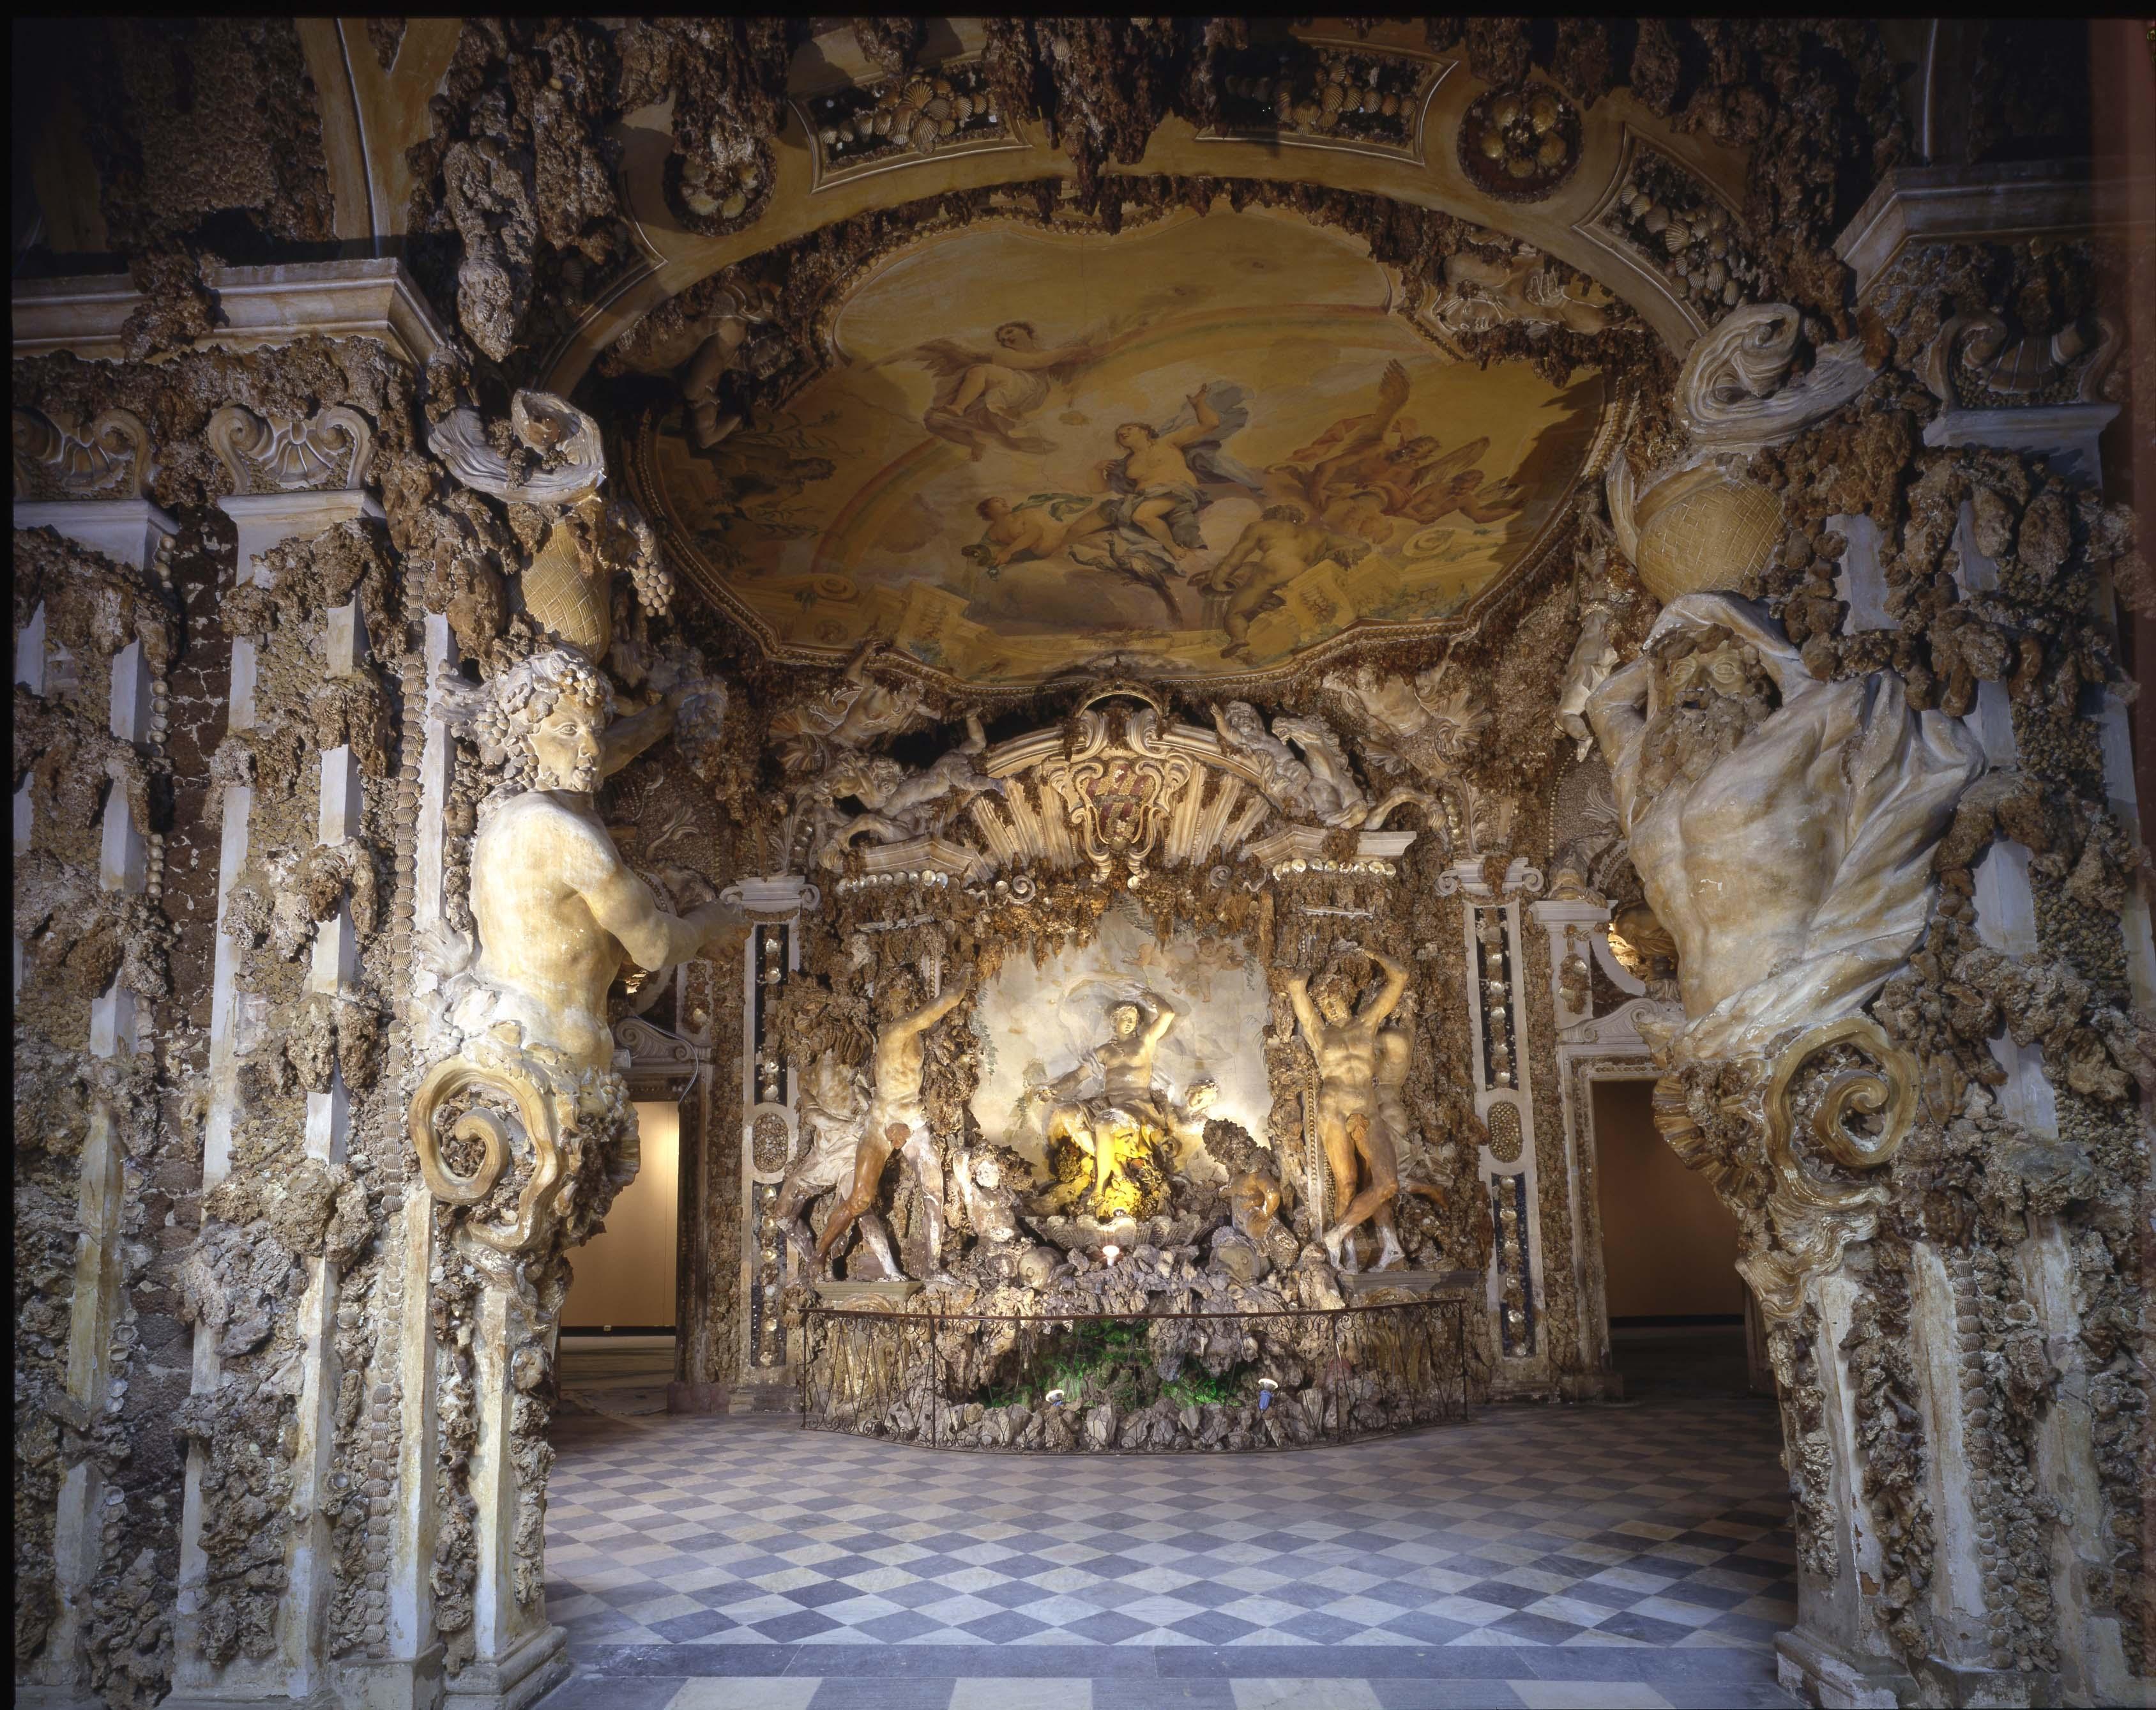 https://www.artribune.com/wp-content/uploads/2015/09/Veduta-della-Grotta-in-un-cortile-interno-di-Palazzo-Corsini.jpg